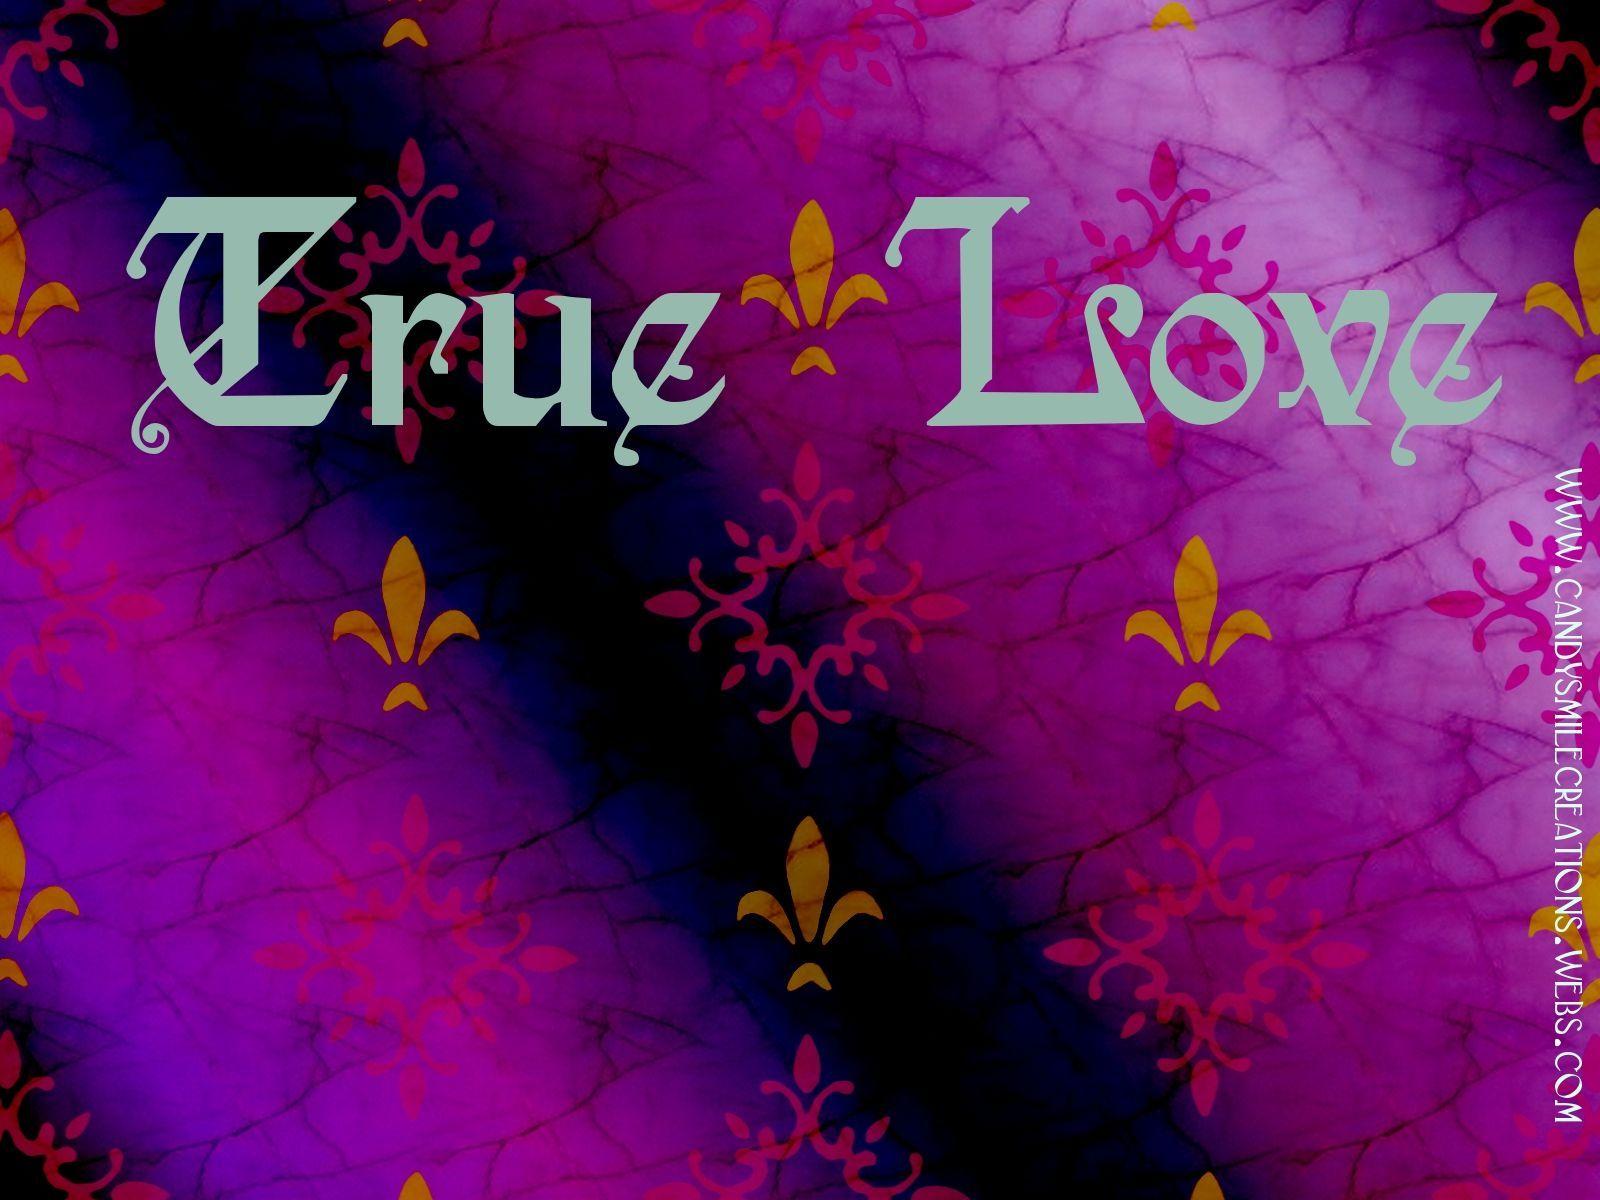 Free Best True Love Images - True Love - HD Wallpaper